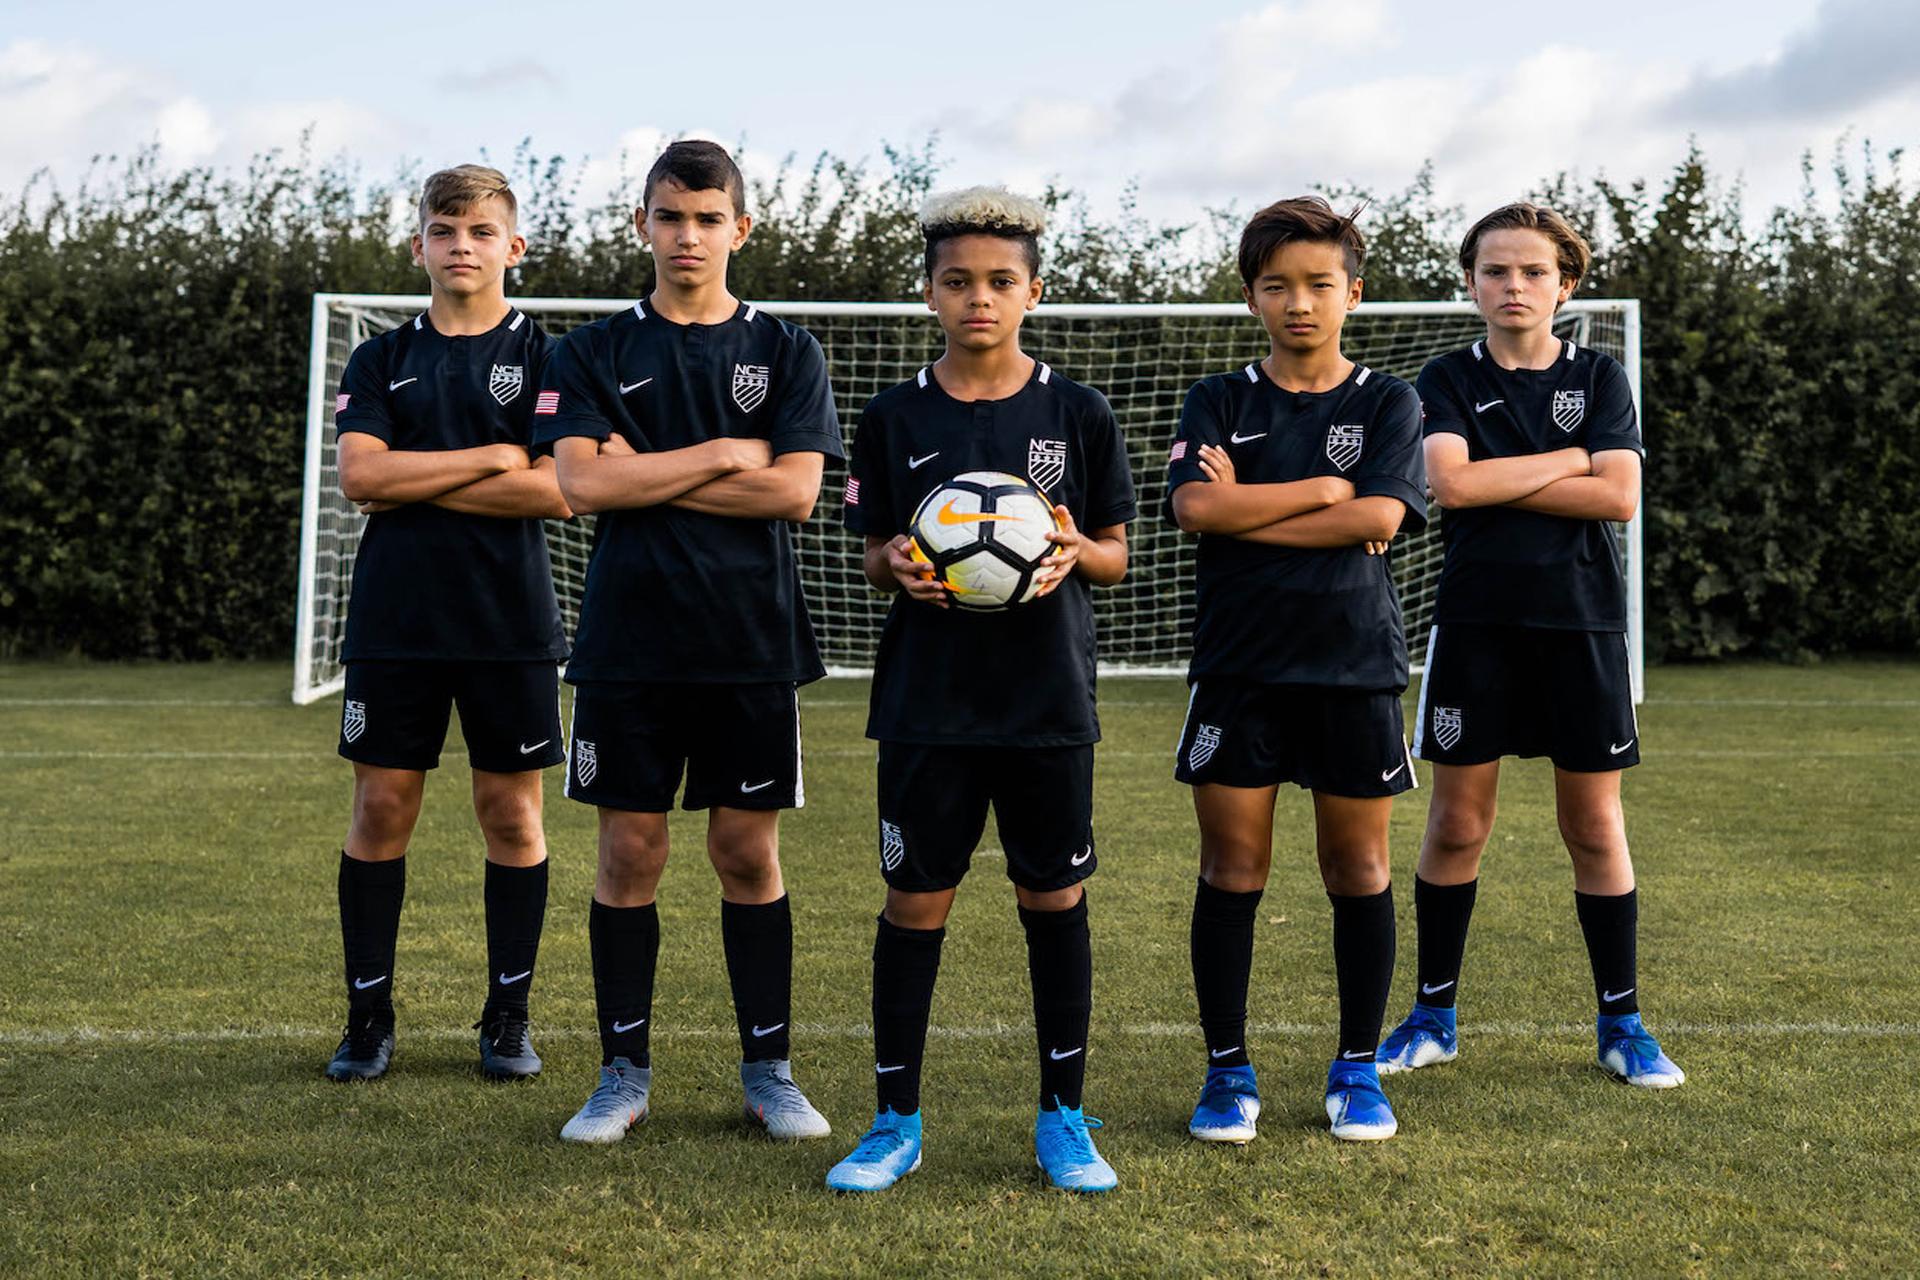 NCE Soccer